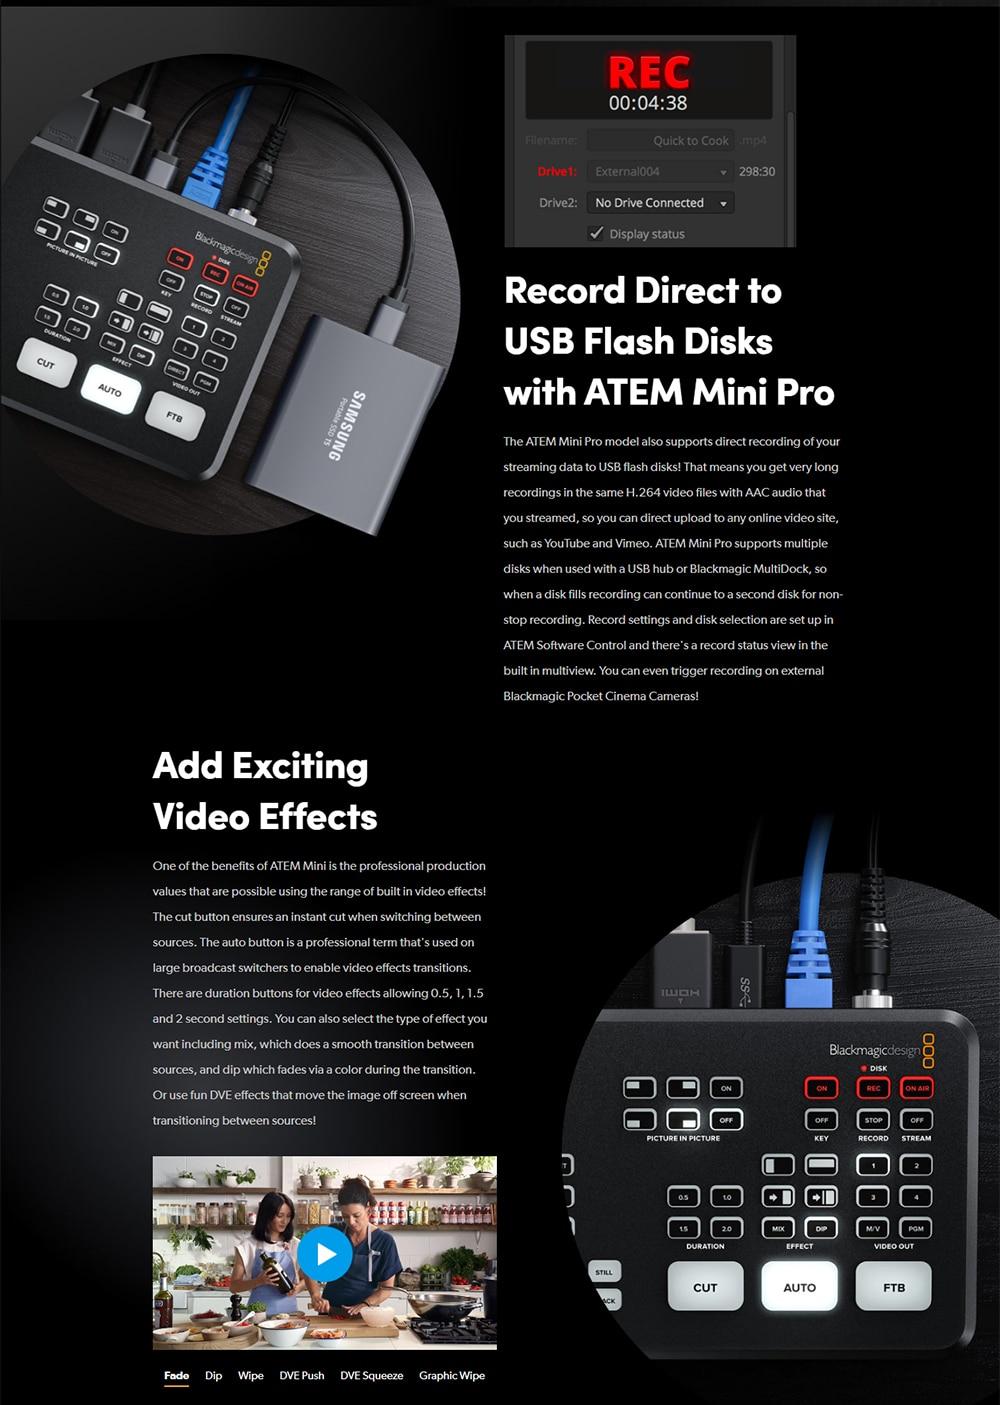 Blackmagic Design ATEM Mini Pro 9